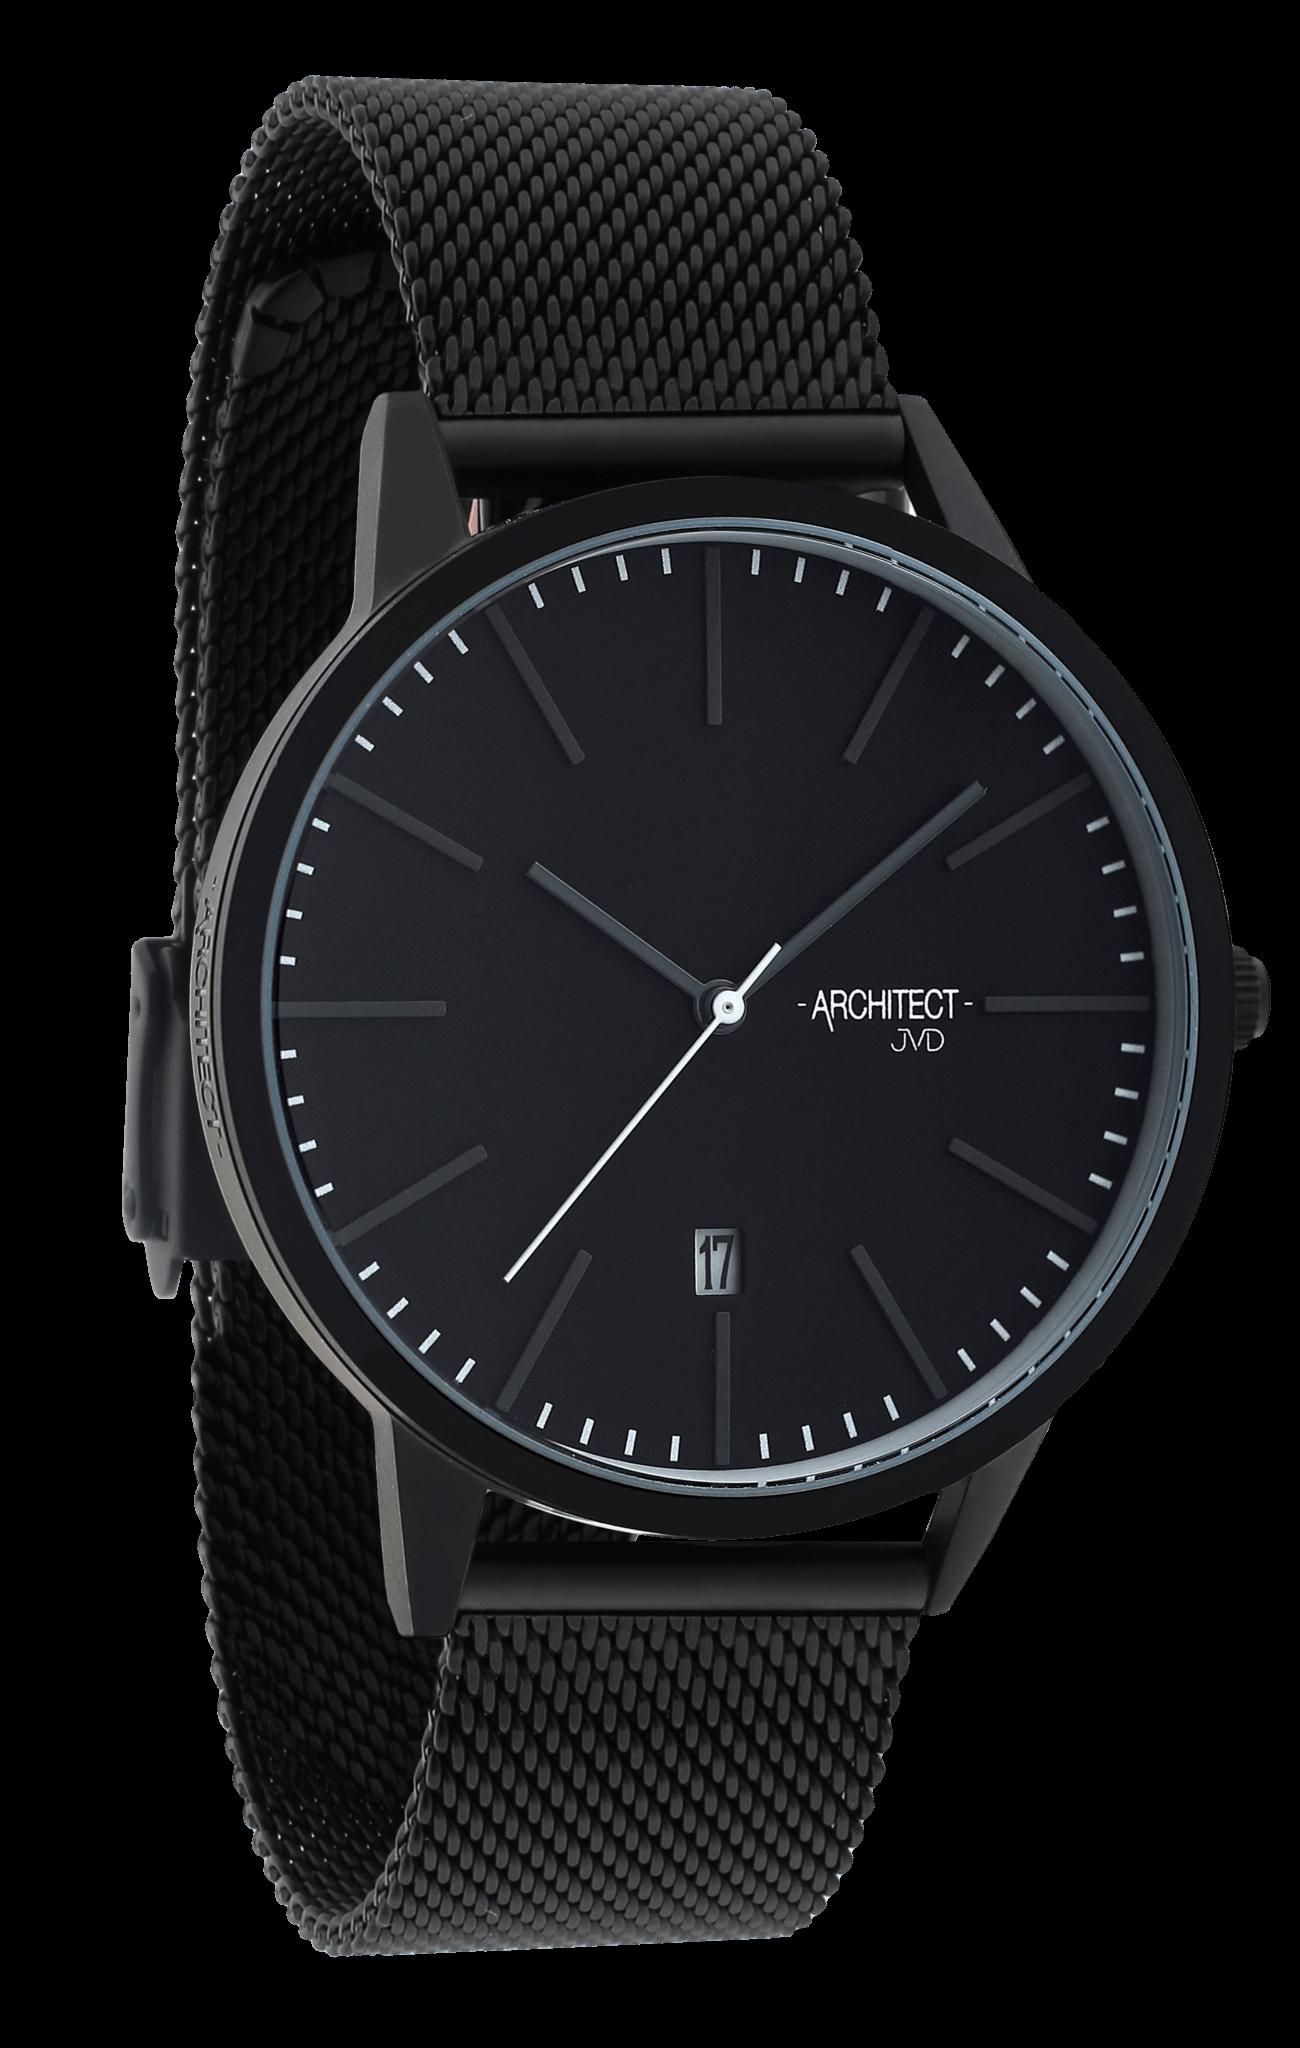 Náramkové hodinky JVD AV-088 - cs  62d69dbe33